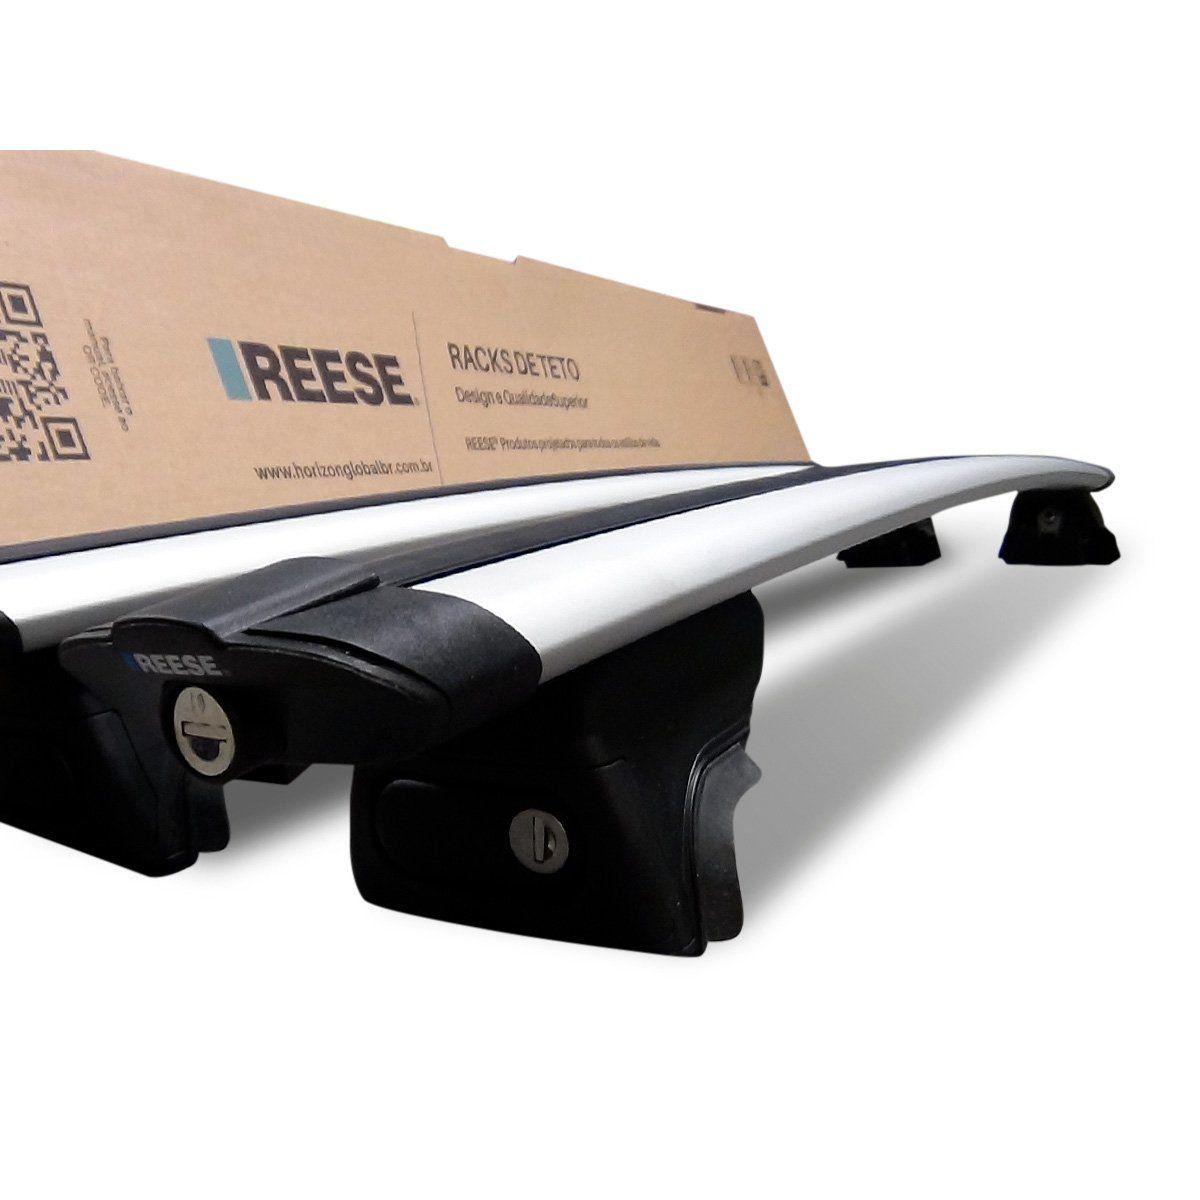 Rack de Teto Bagageiro Honda CR-V 12 a 14 Prata Reese Premium